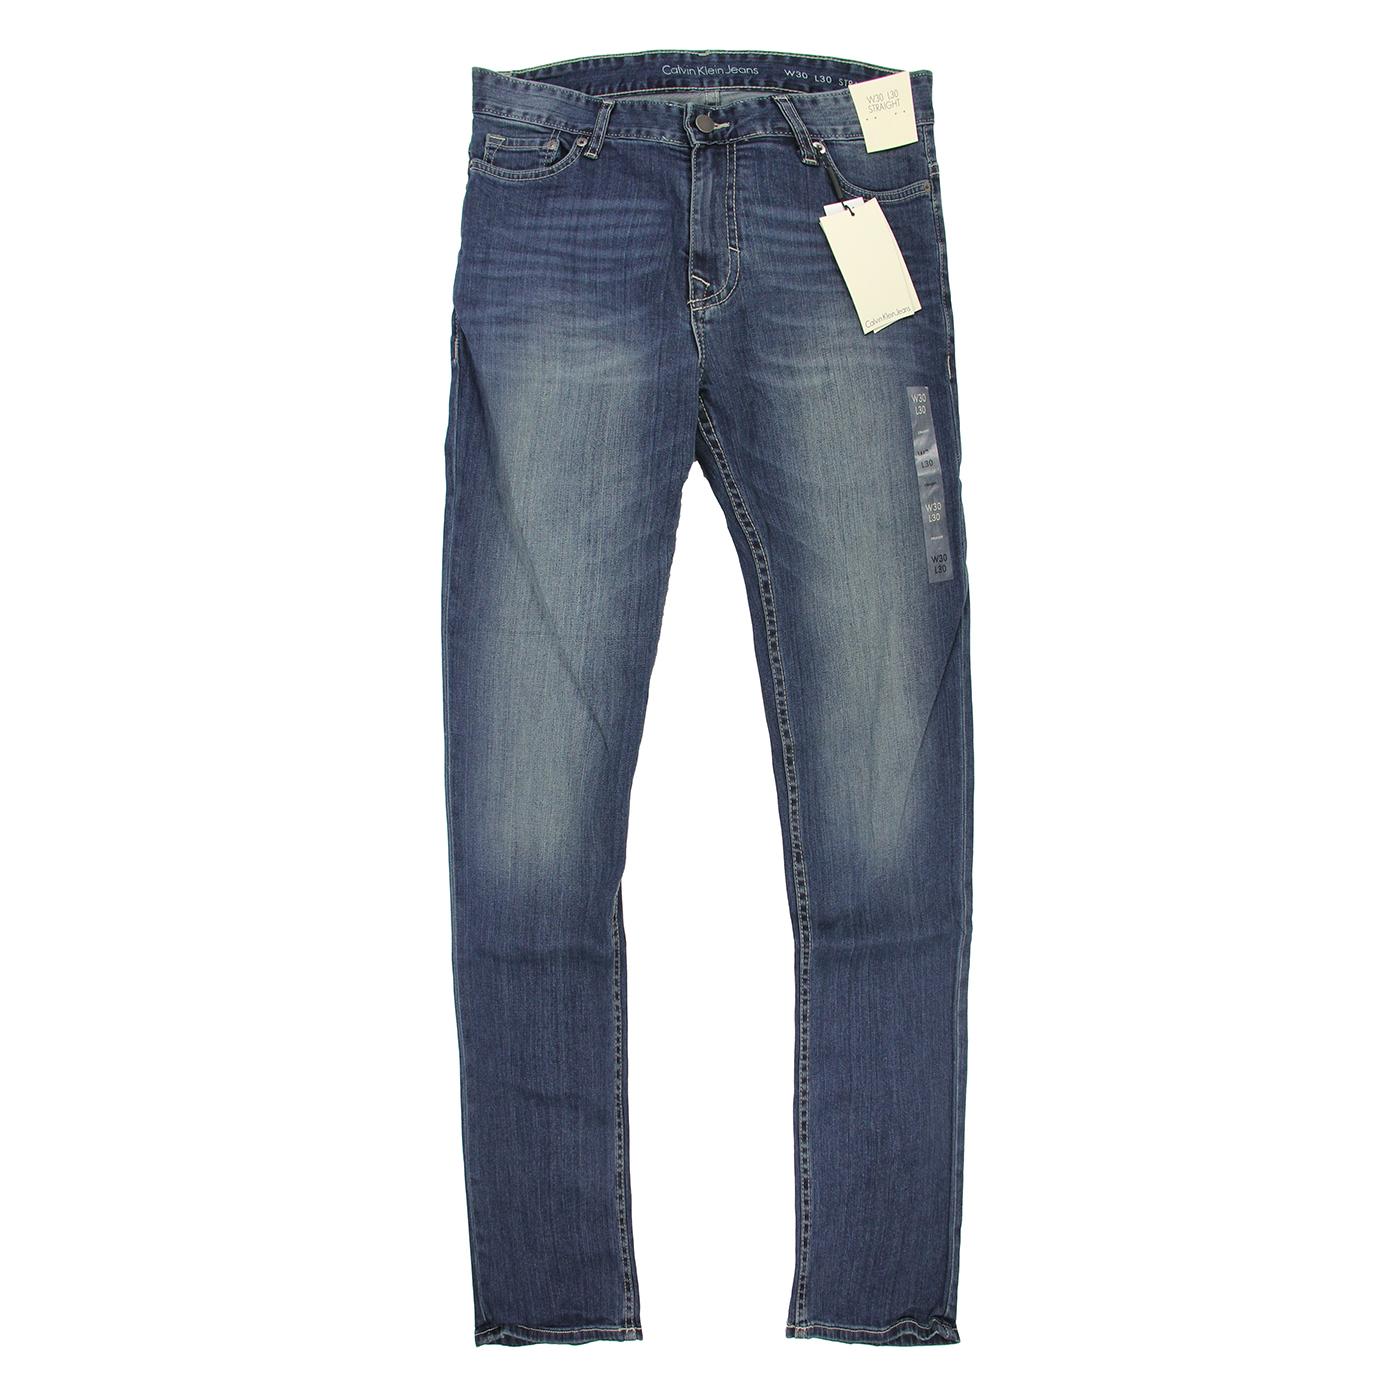 美國百分百【全新真品】Calvin Klein 牛仔褲 CK 休閒褲 長褲 單寧 男 合身 深藍 刷白 30腰 F123